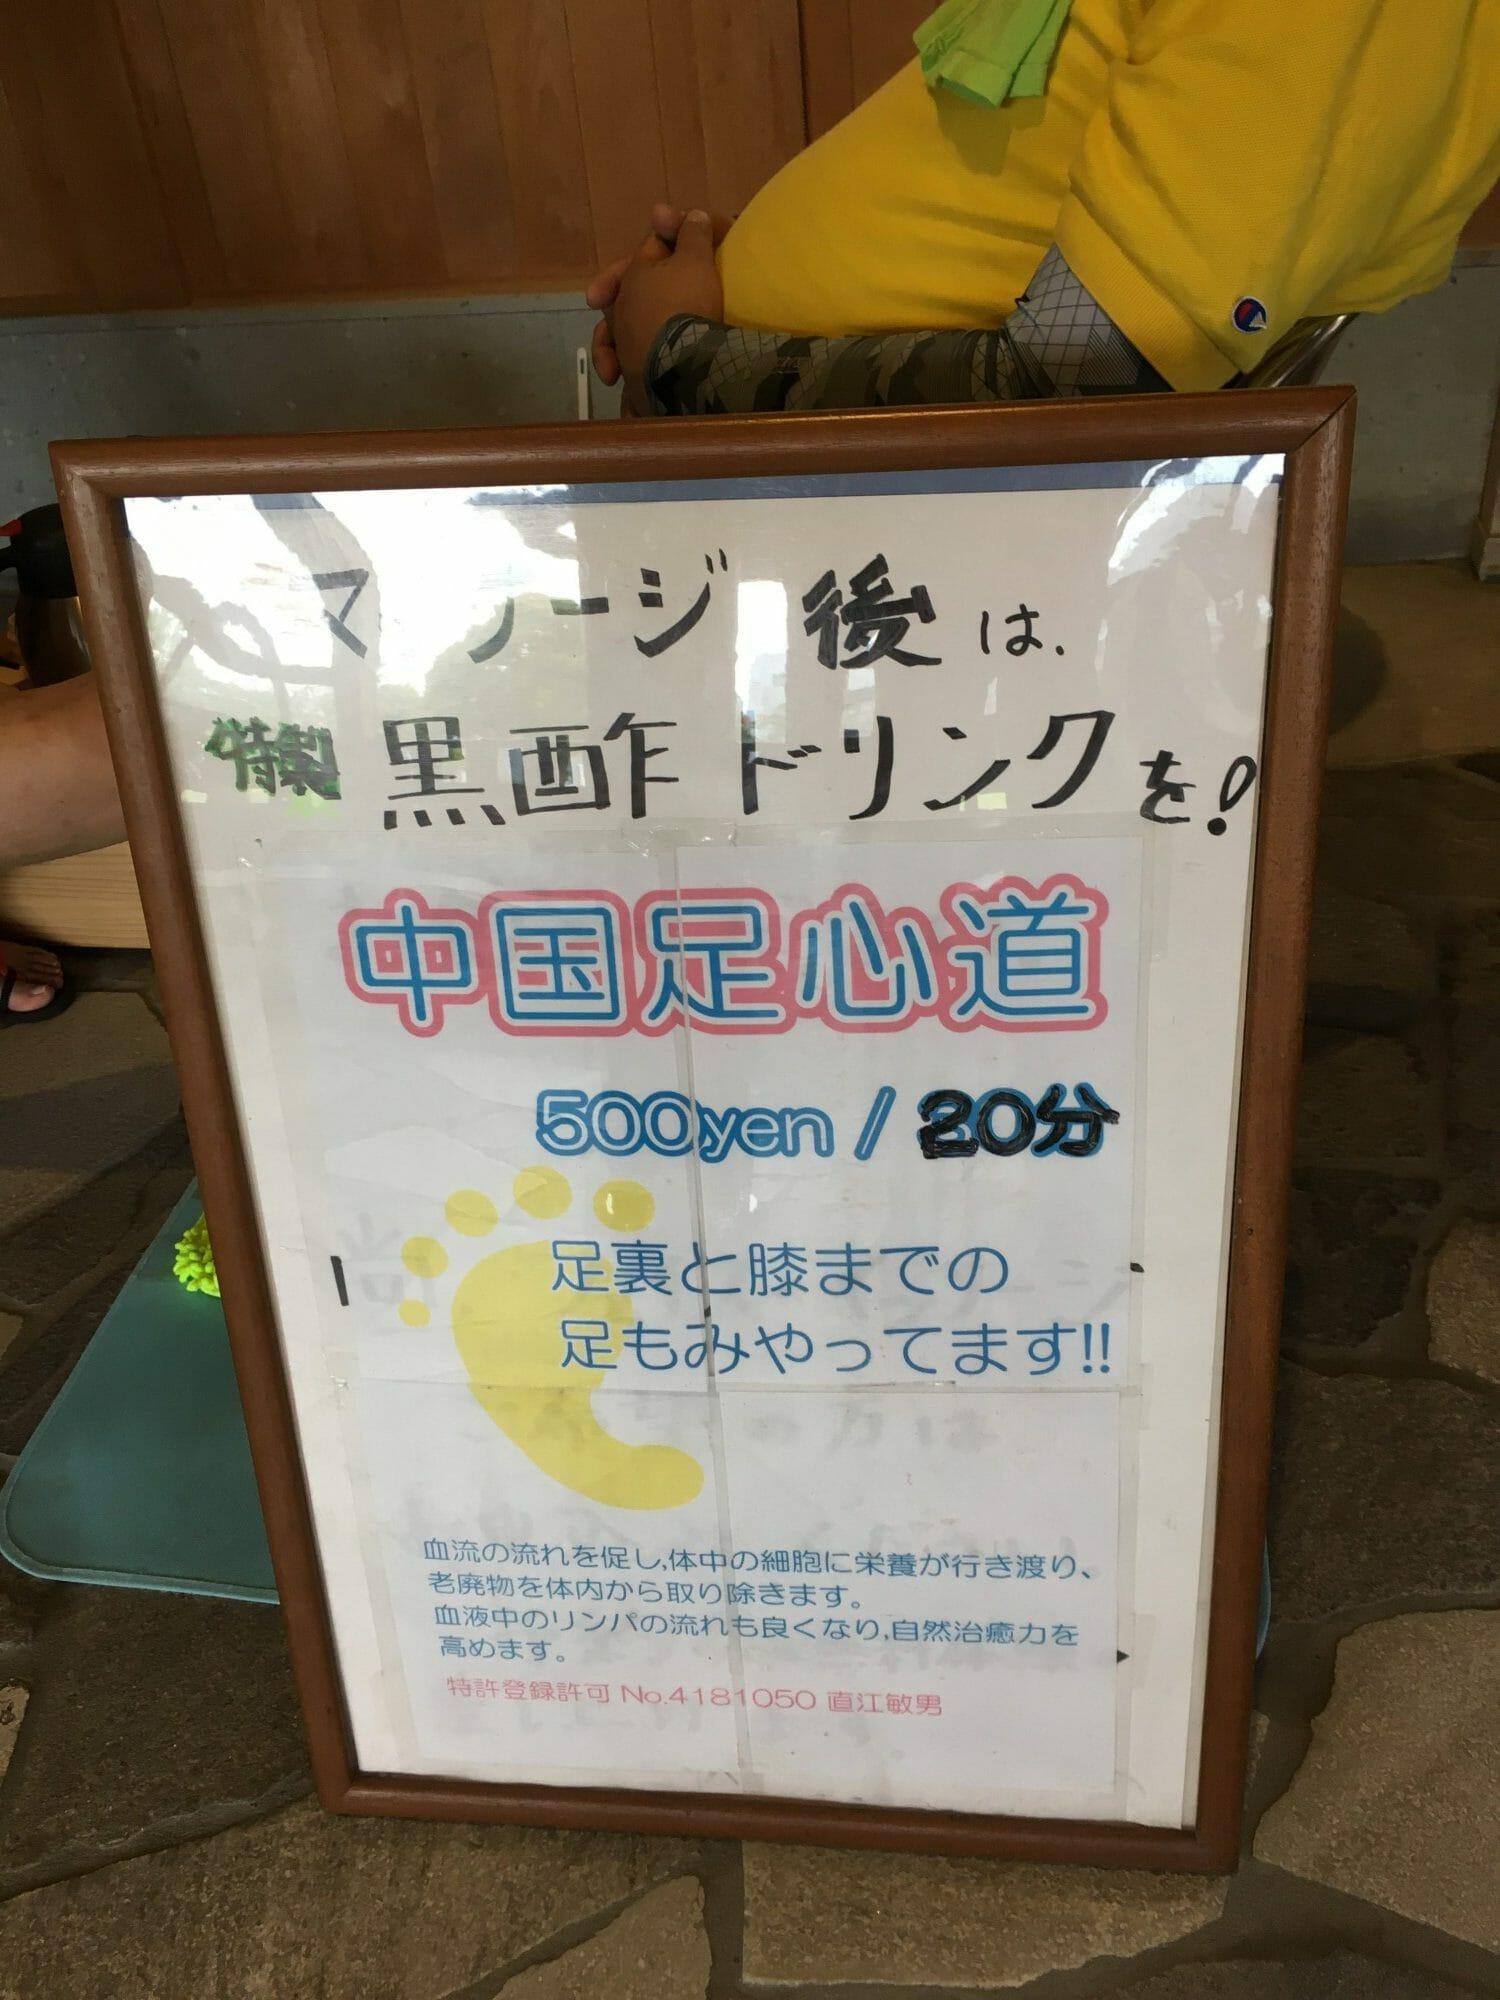 芦湯での足つぼマッサージ